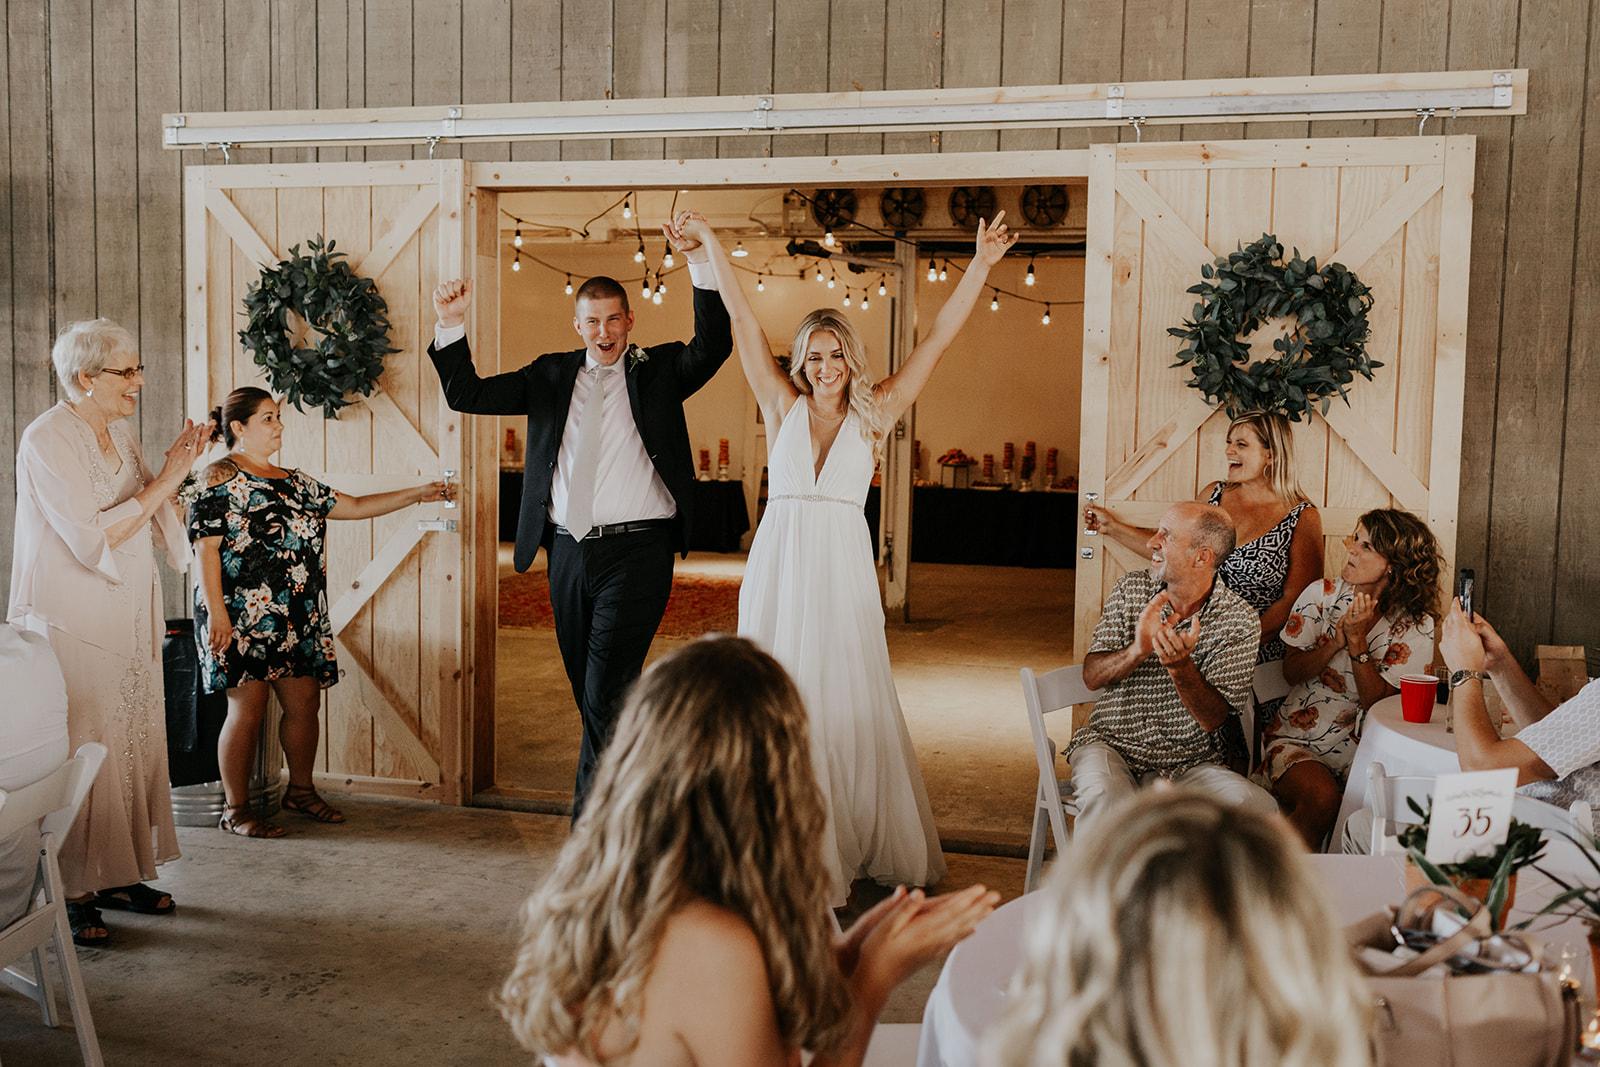 ginapaulson_larabryce_wedding-954.jpg